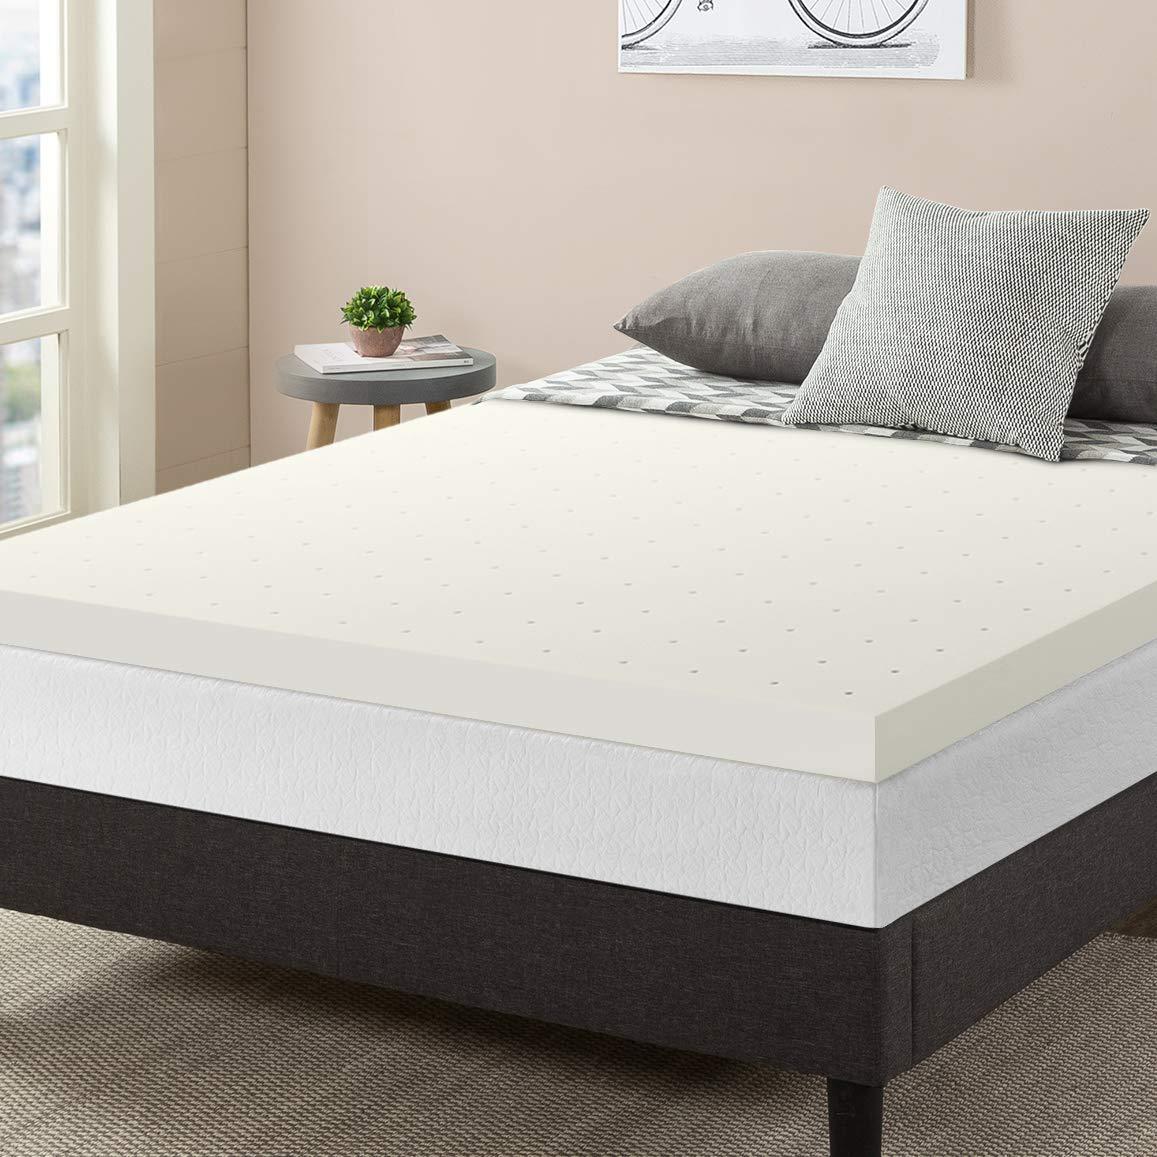 The Best Pillow Top Mattress Pad